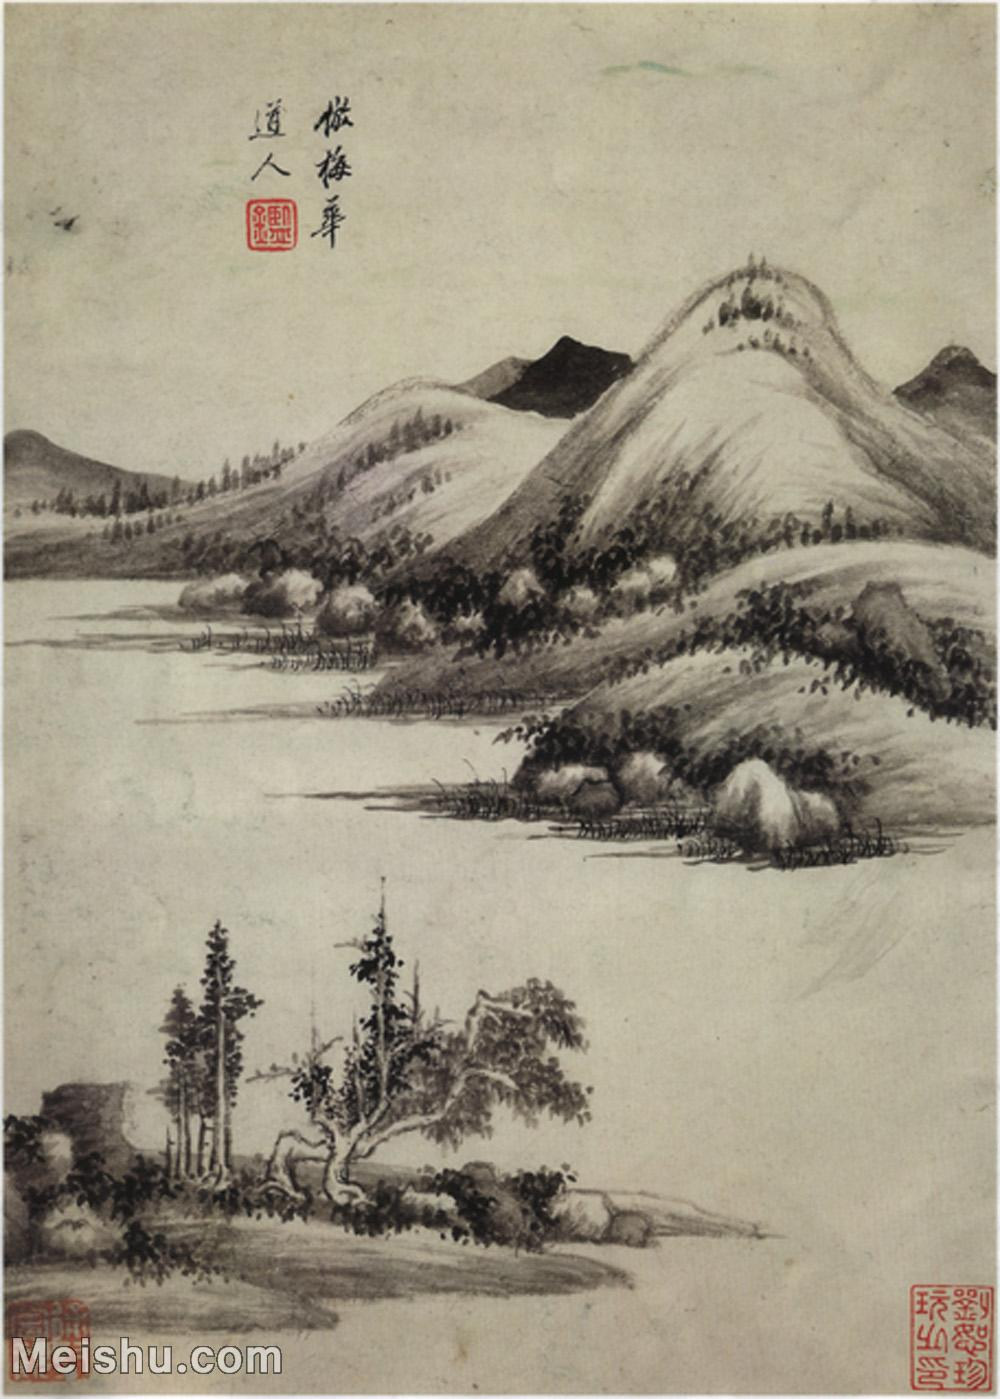 【打印级】GH6060514古画王鉴山水册(16)册页图片-9M-1520X2126.jpg